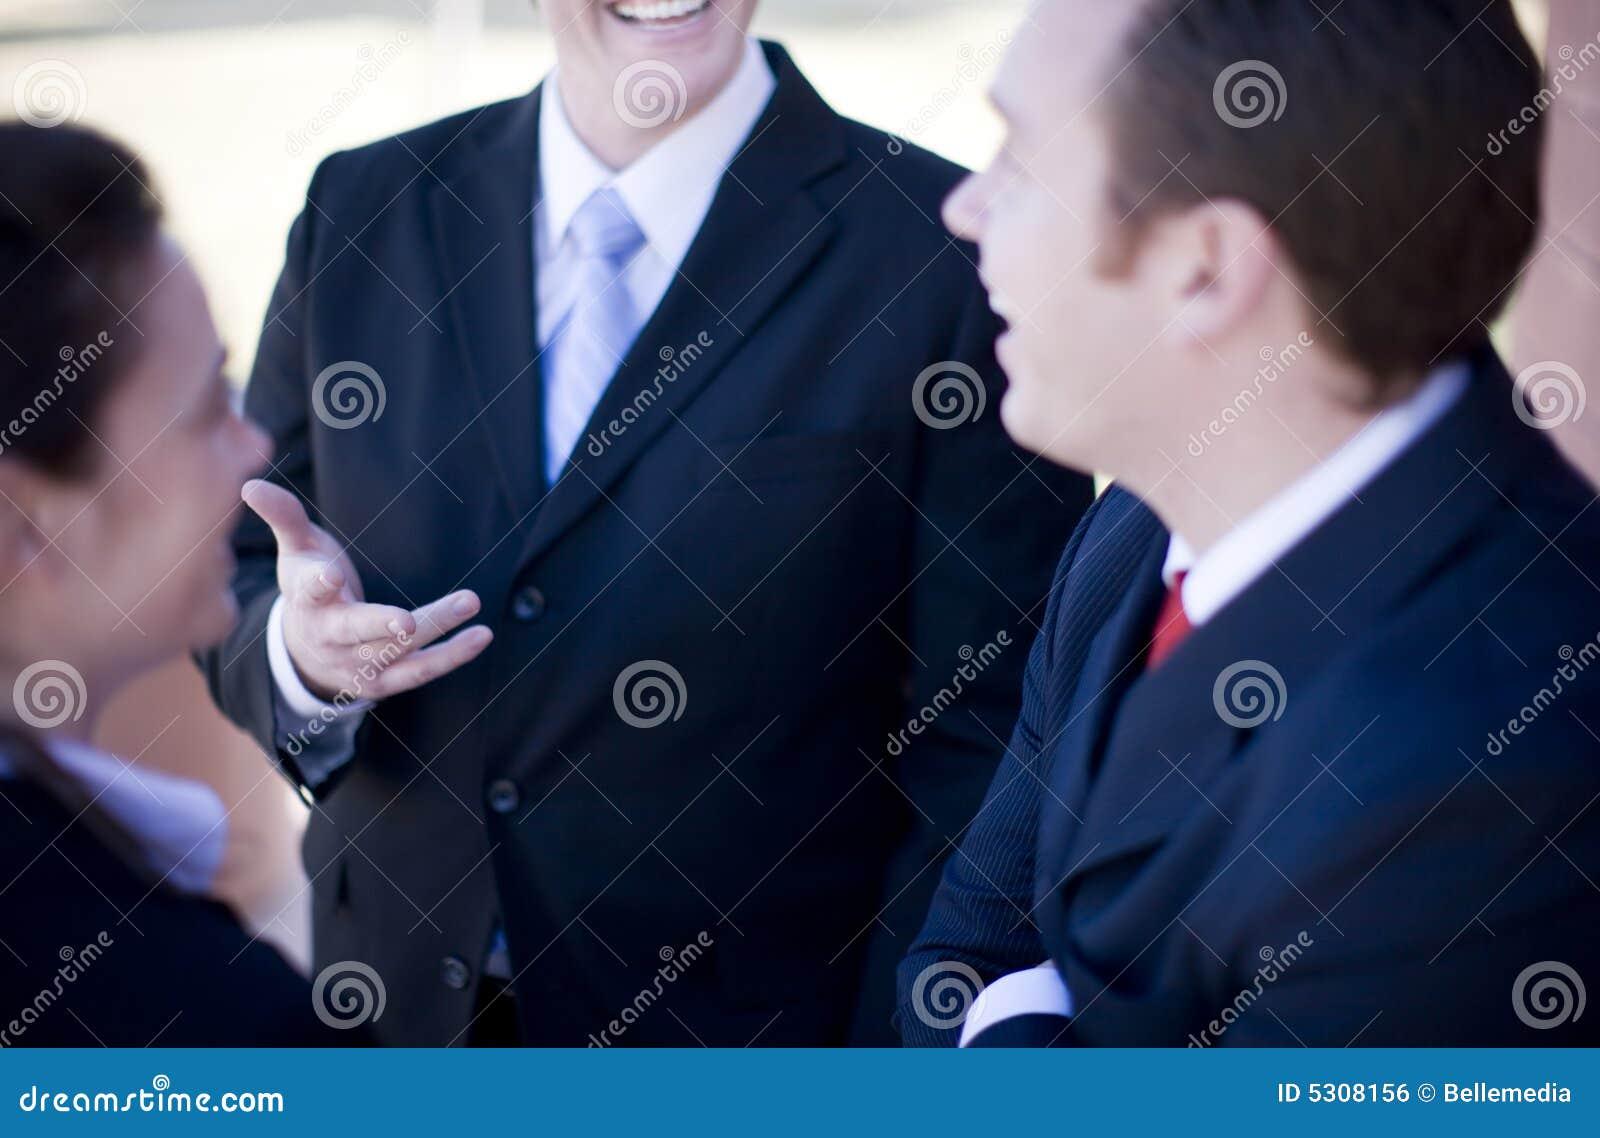 Download Discussione Delle Persone Di Affari Fotografia Stock - Immagine di persona, commercio: 5308156